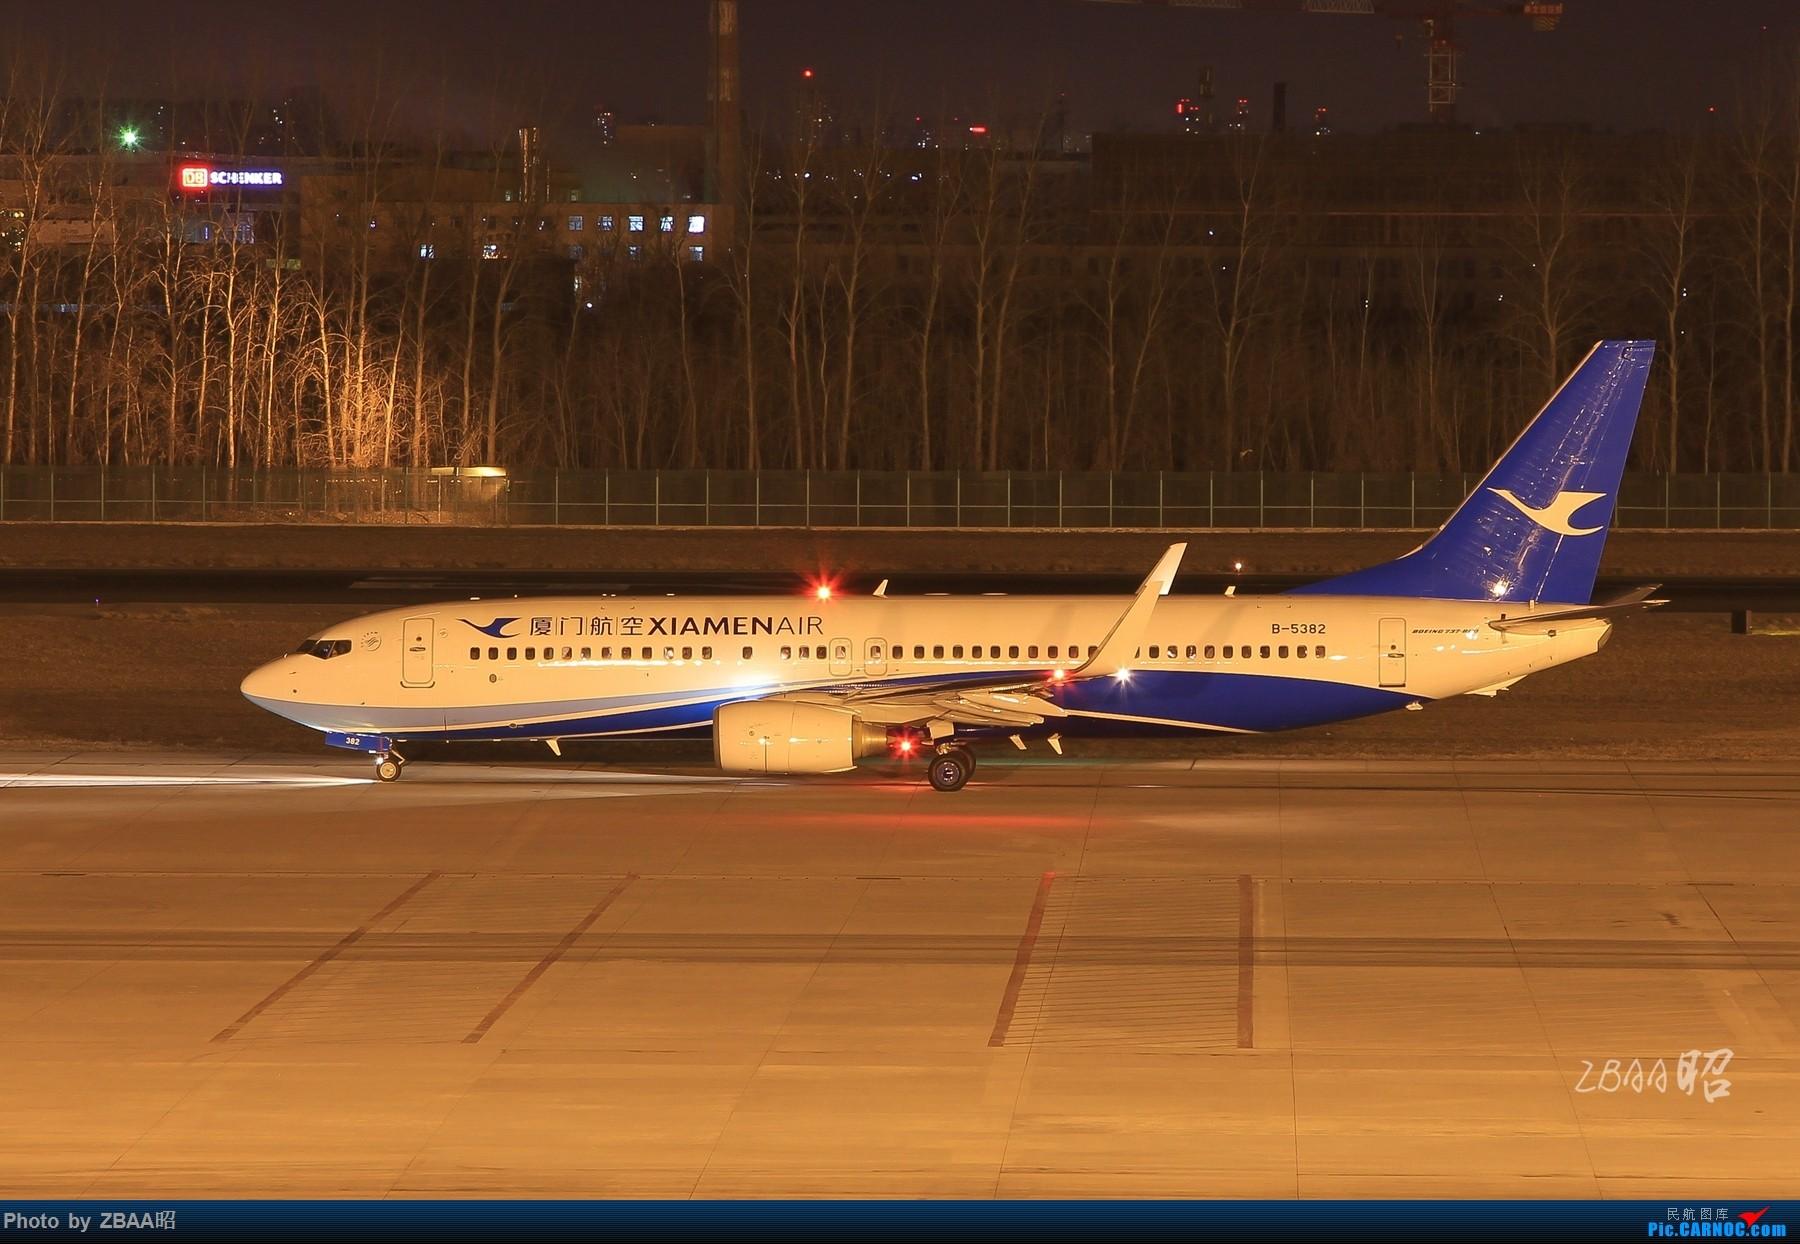 Re:[原创]飞友聚会后的独自疯狂,格林豪泰隔天怒打ZBAA 36L跑道,夜拍海航宽体机,寒风中坚守楼顶阵地 BOEING 737-800 B-5382 中国北京首都国际机场